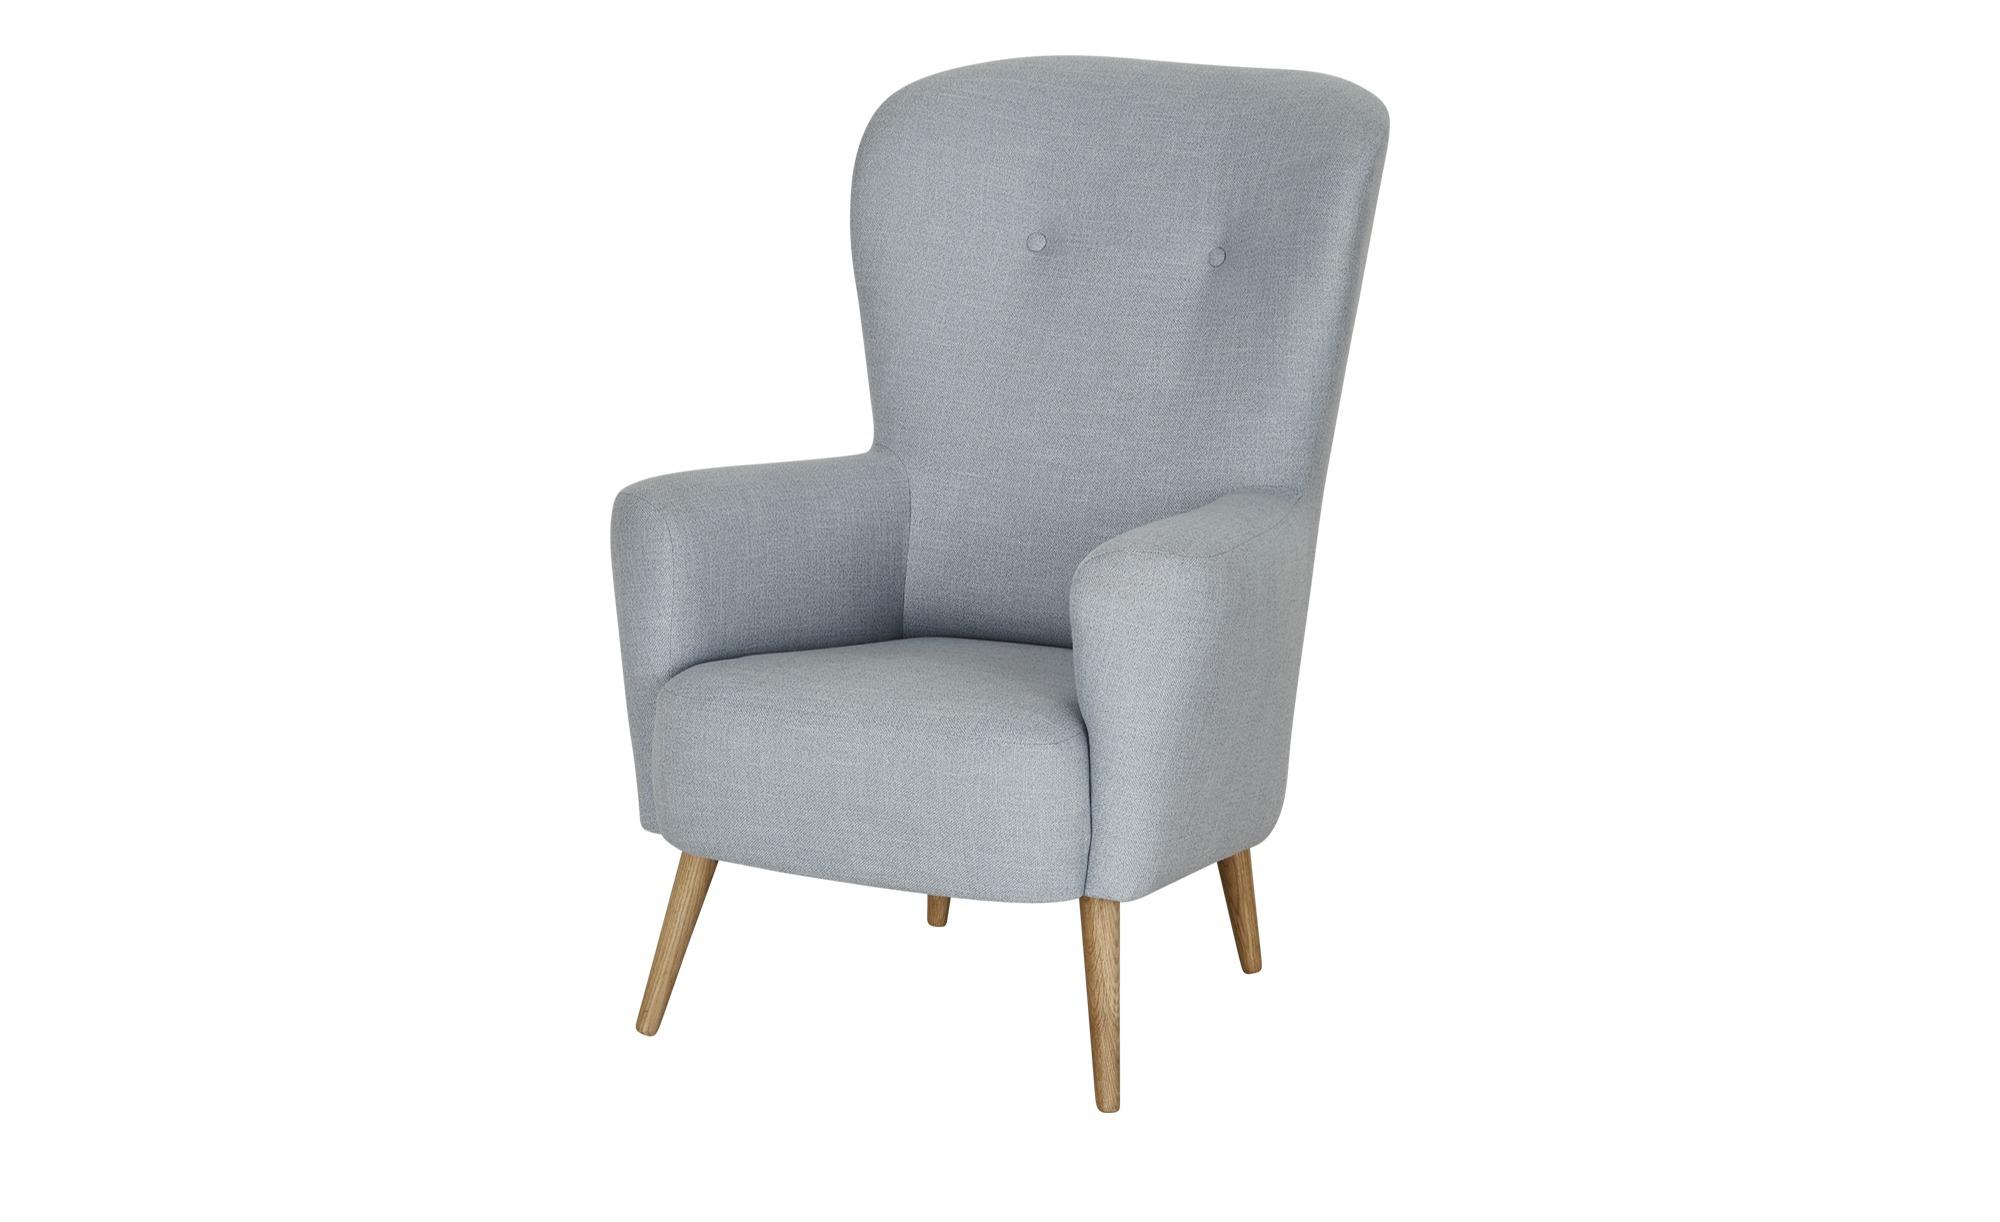 finya Sessel  Ahne ¦ blau ¦ Maße (cm): B: 79 H: 112 T: 80 Polstermöbel > Sessel > Polstersessel - Höffner